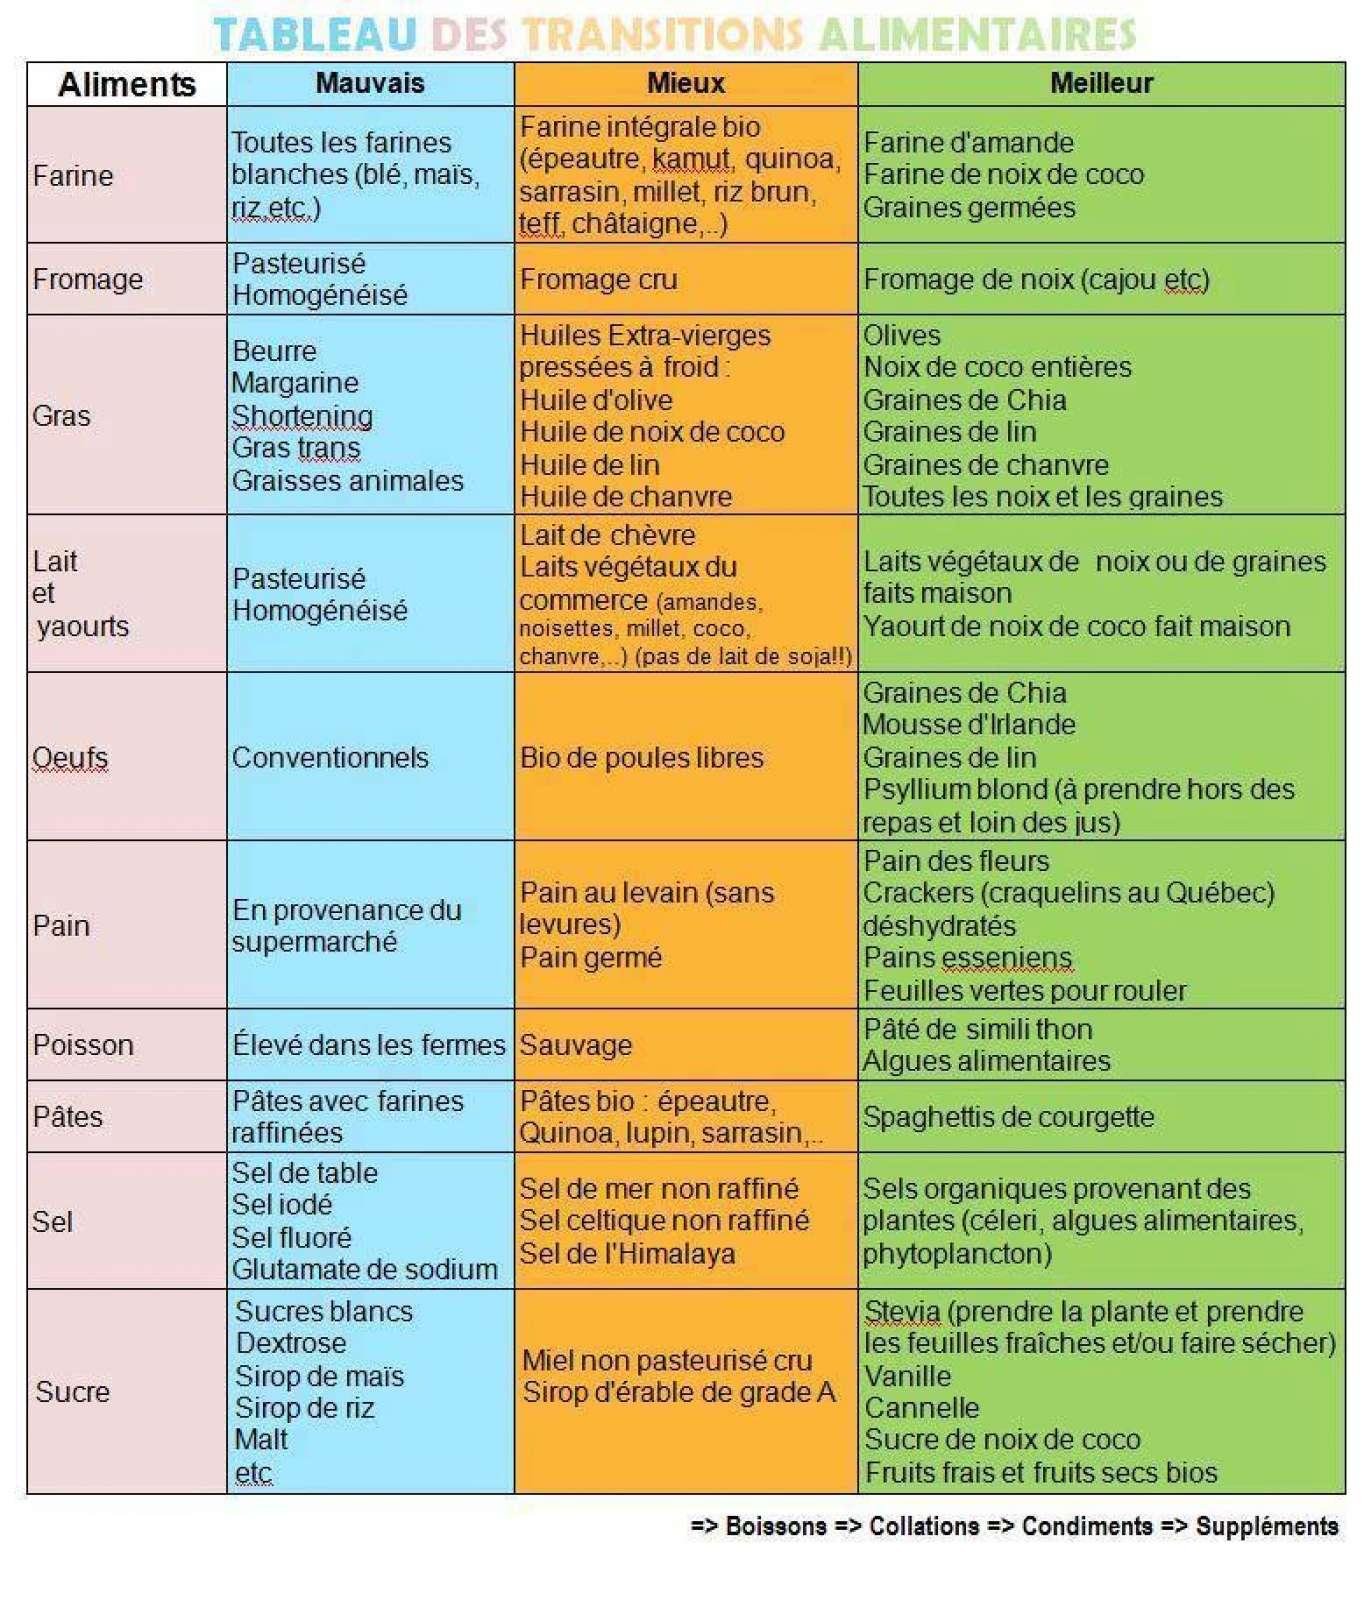 Alimentation marielys sur maximemo - Les aliments riches en glucides ...